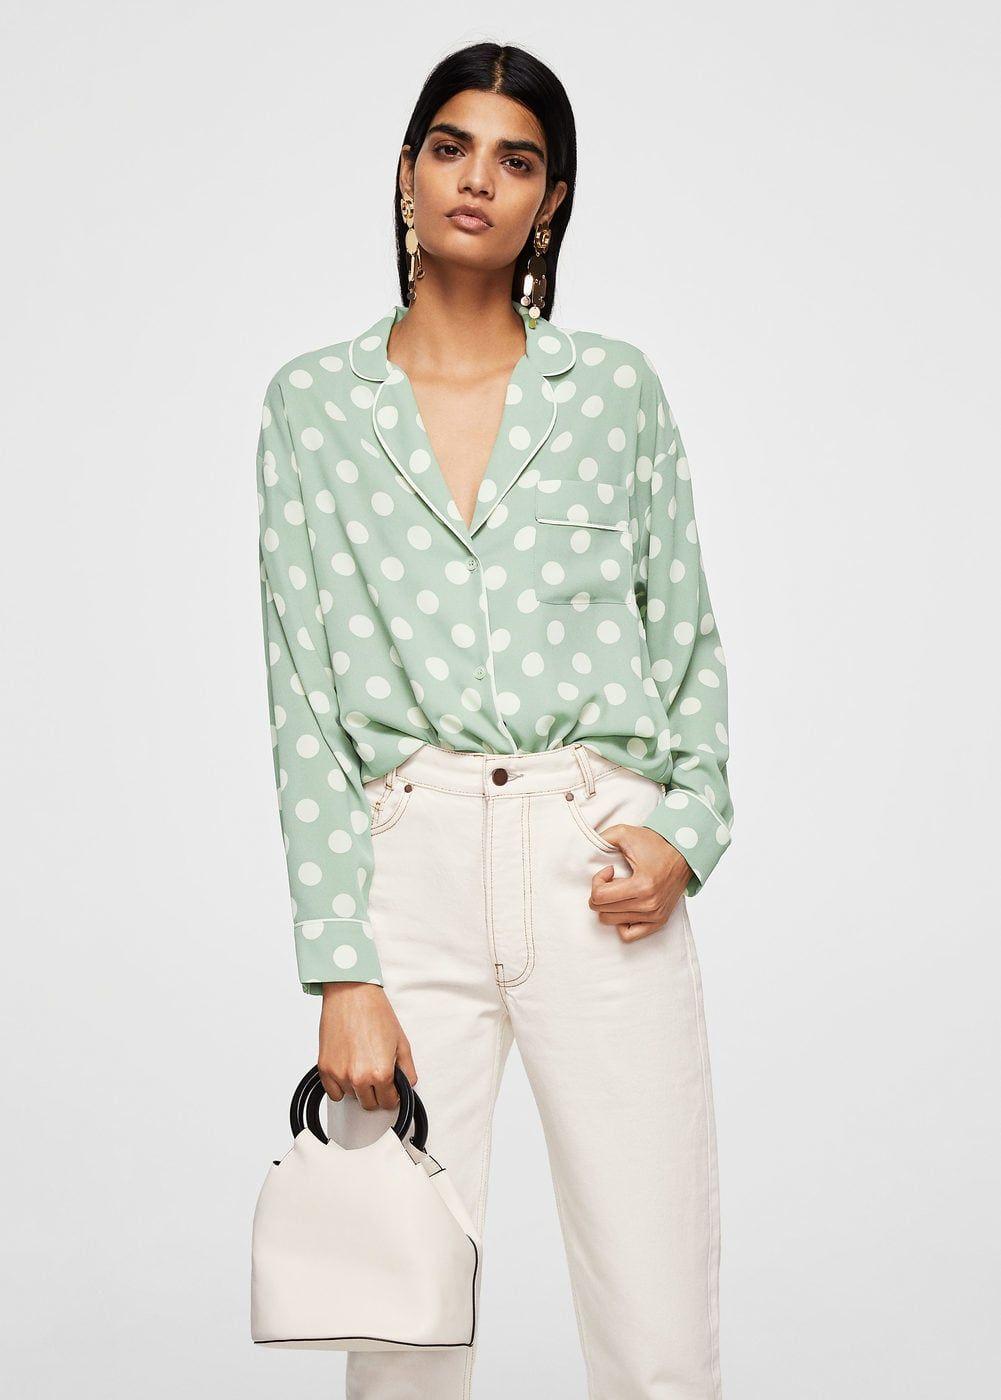 Camisetas Lunares Clothes De Camisas Blusas Y Blusa Mujer OAdPYxwYq